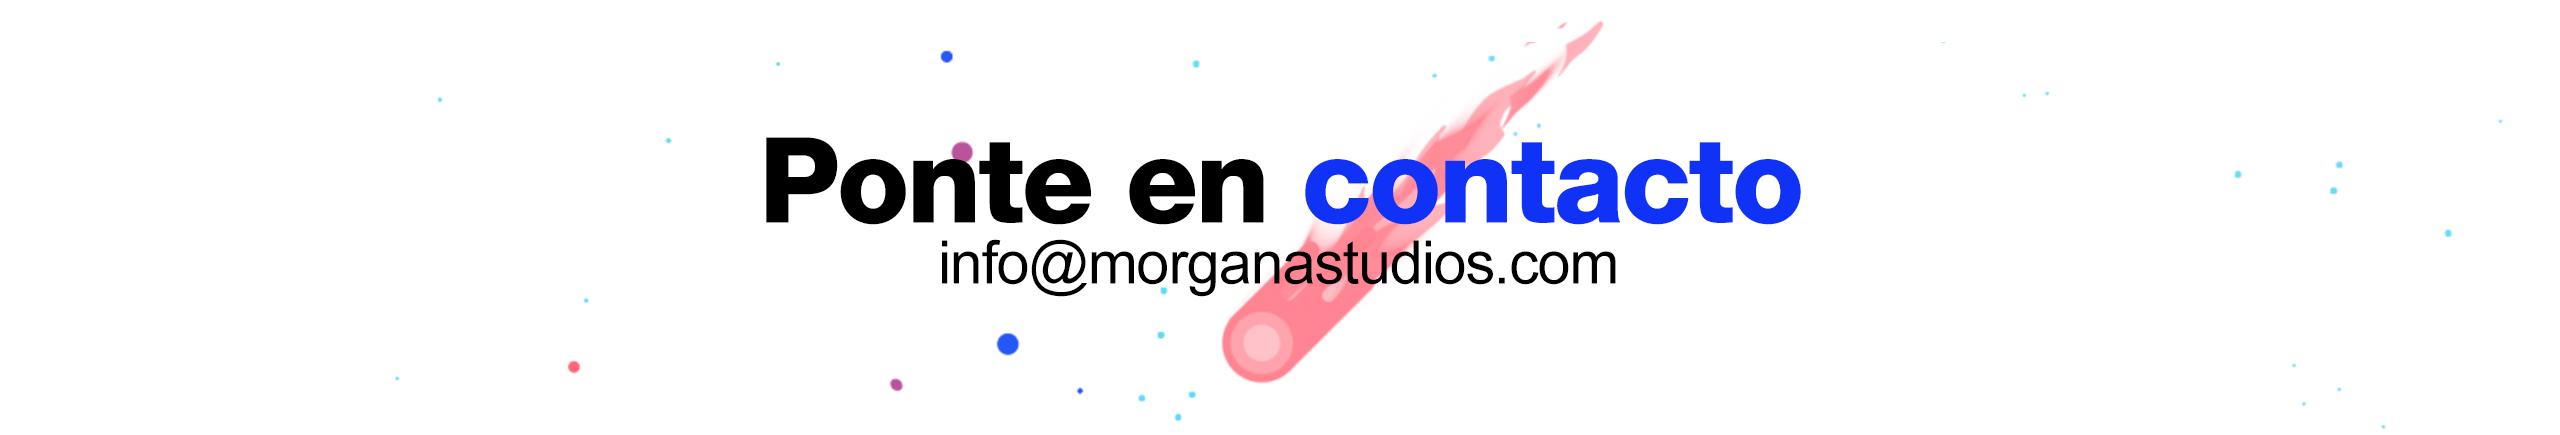 videos-explicativos-publicitarios-promocionales-animados-3D-2D-motion-graphics-contacto-morgana-studios